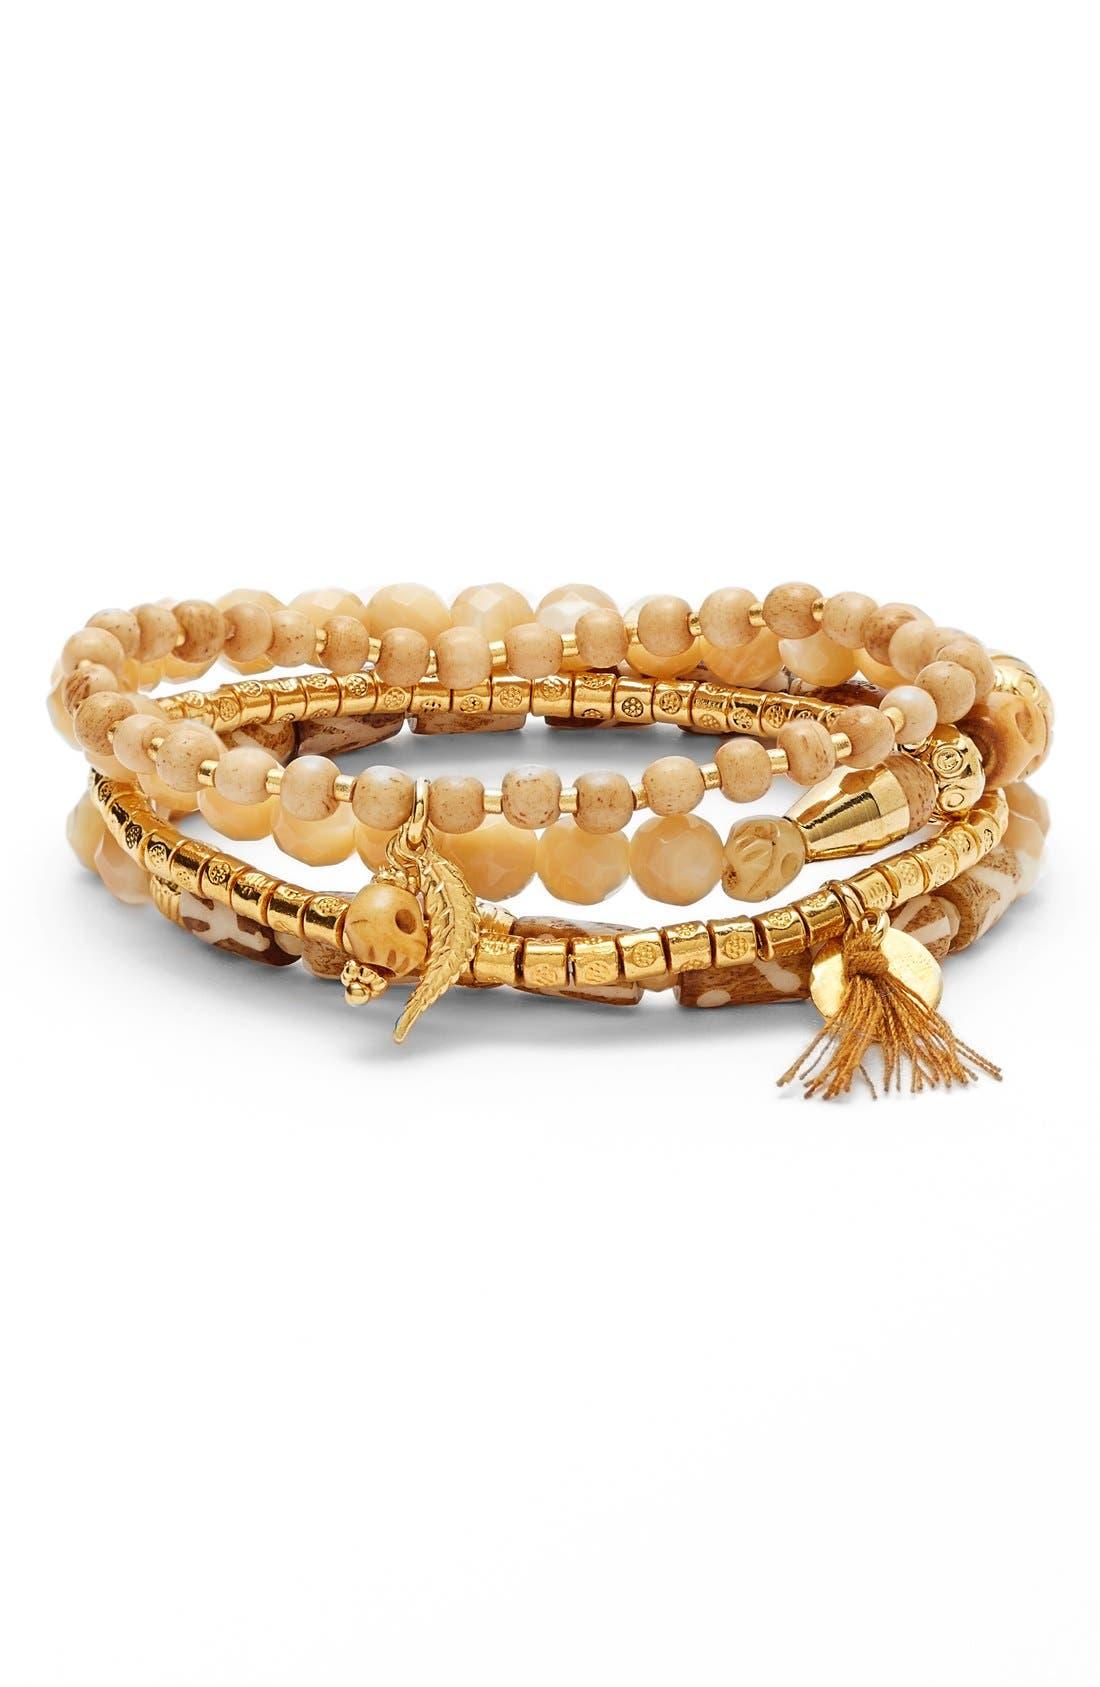 Main Image - Chan Luu Beaded Stretch Bracelets (Set of 4)